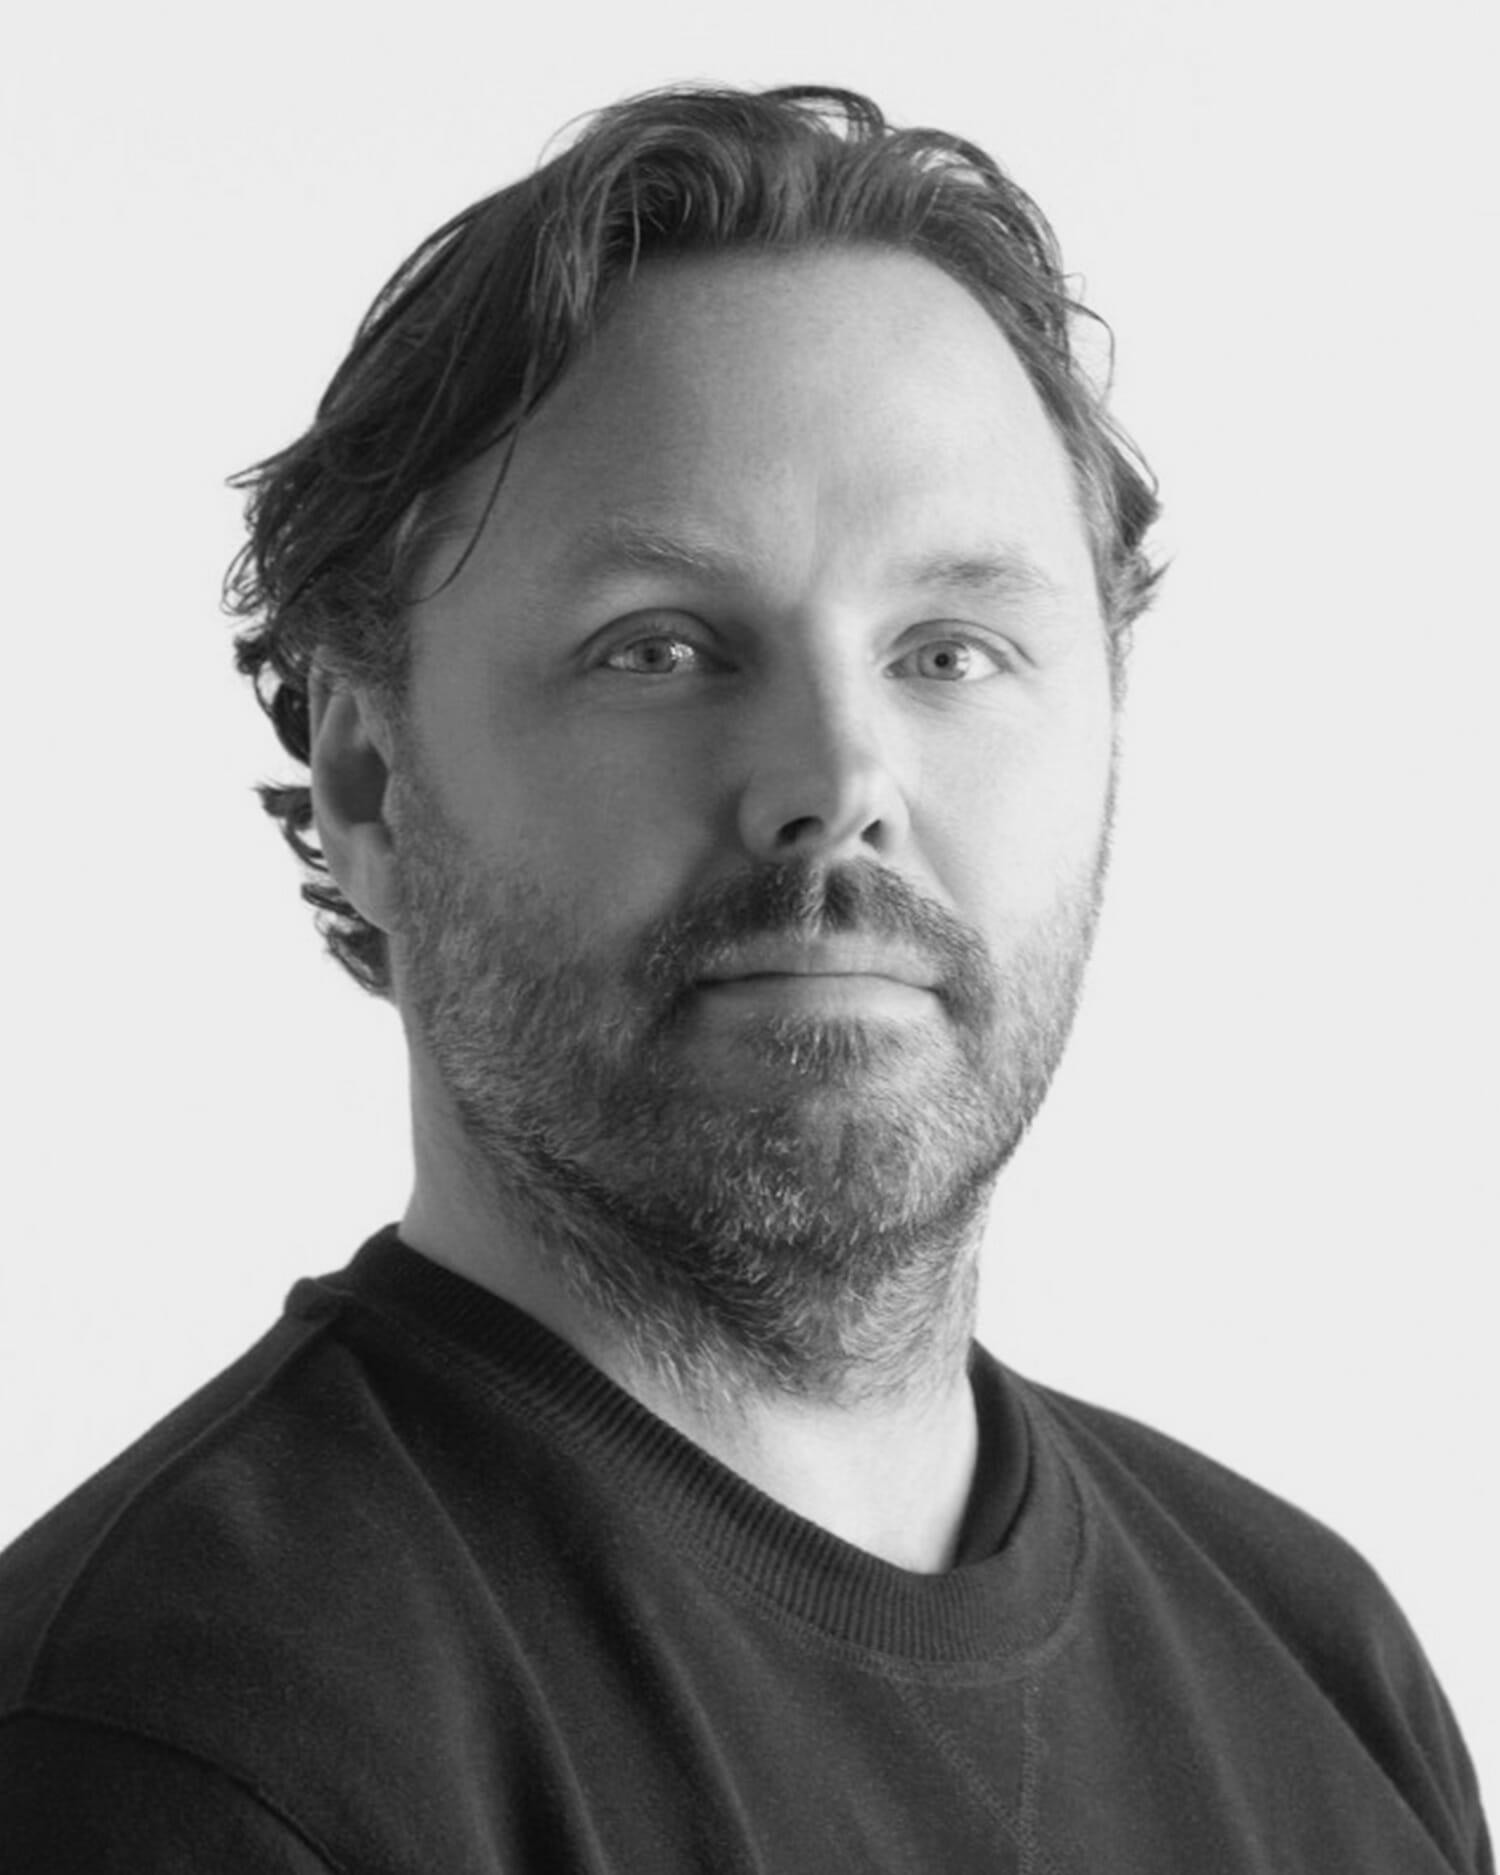 Johan Liden